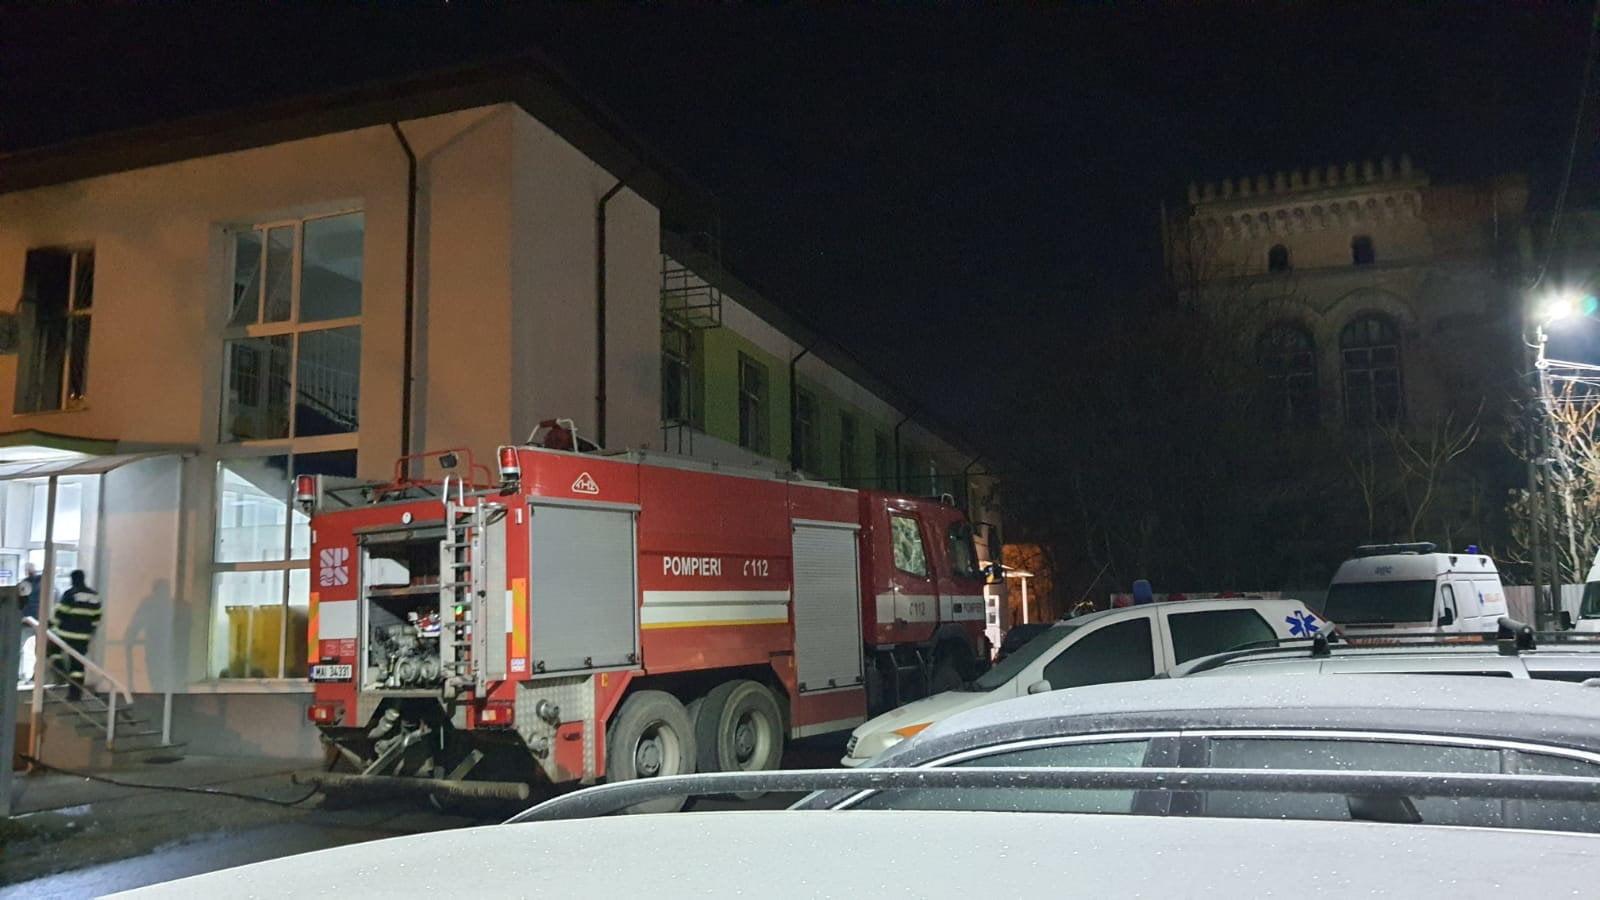 Pagube de 10.000 de lei la Secția Psihiatrie, după incendiul de sâmbătă. Doi suspecți în atenția Poliției